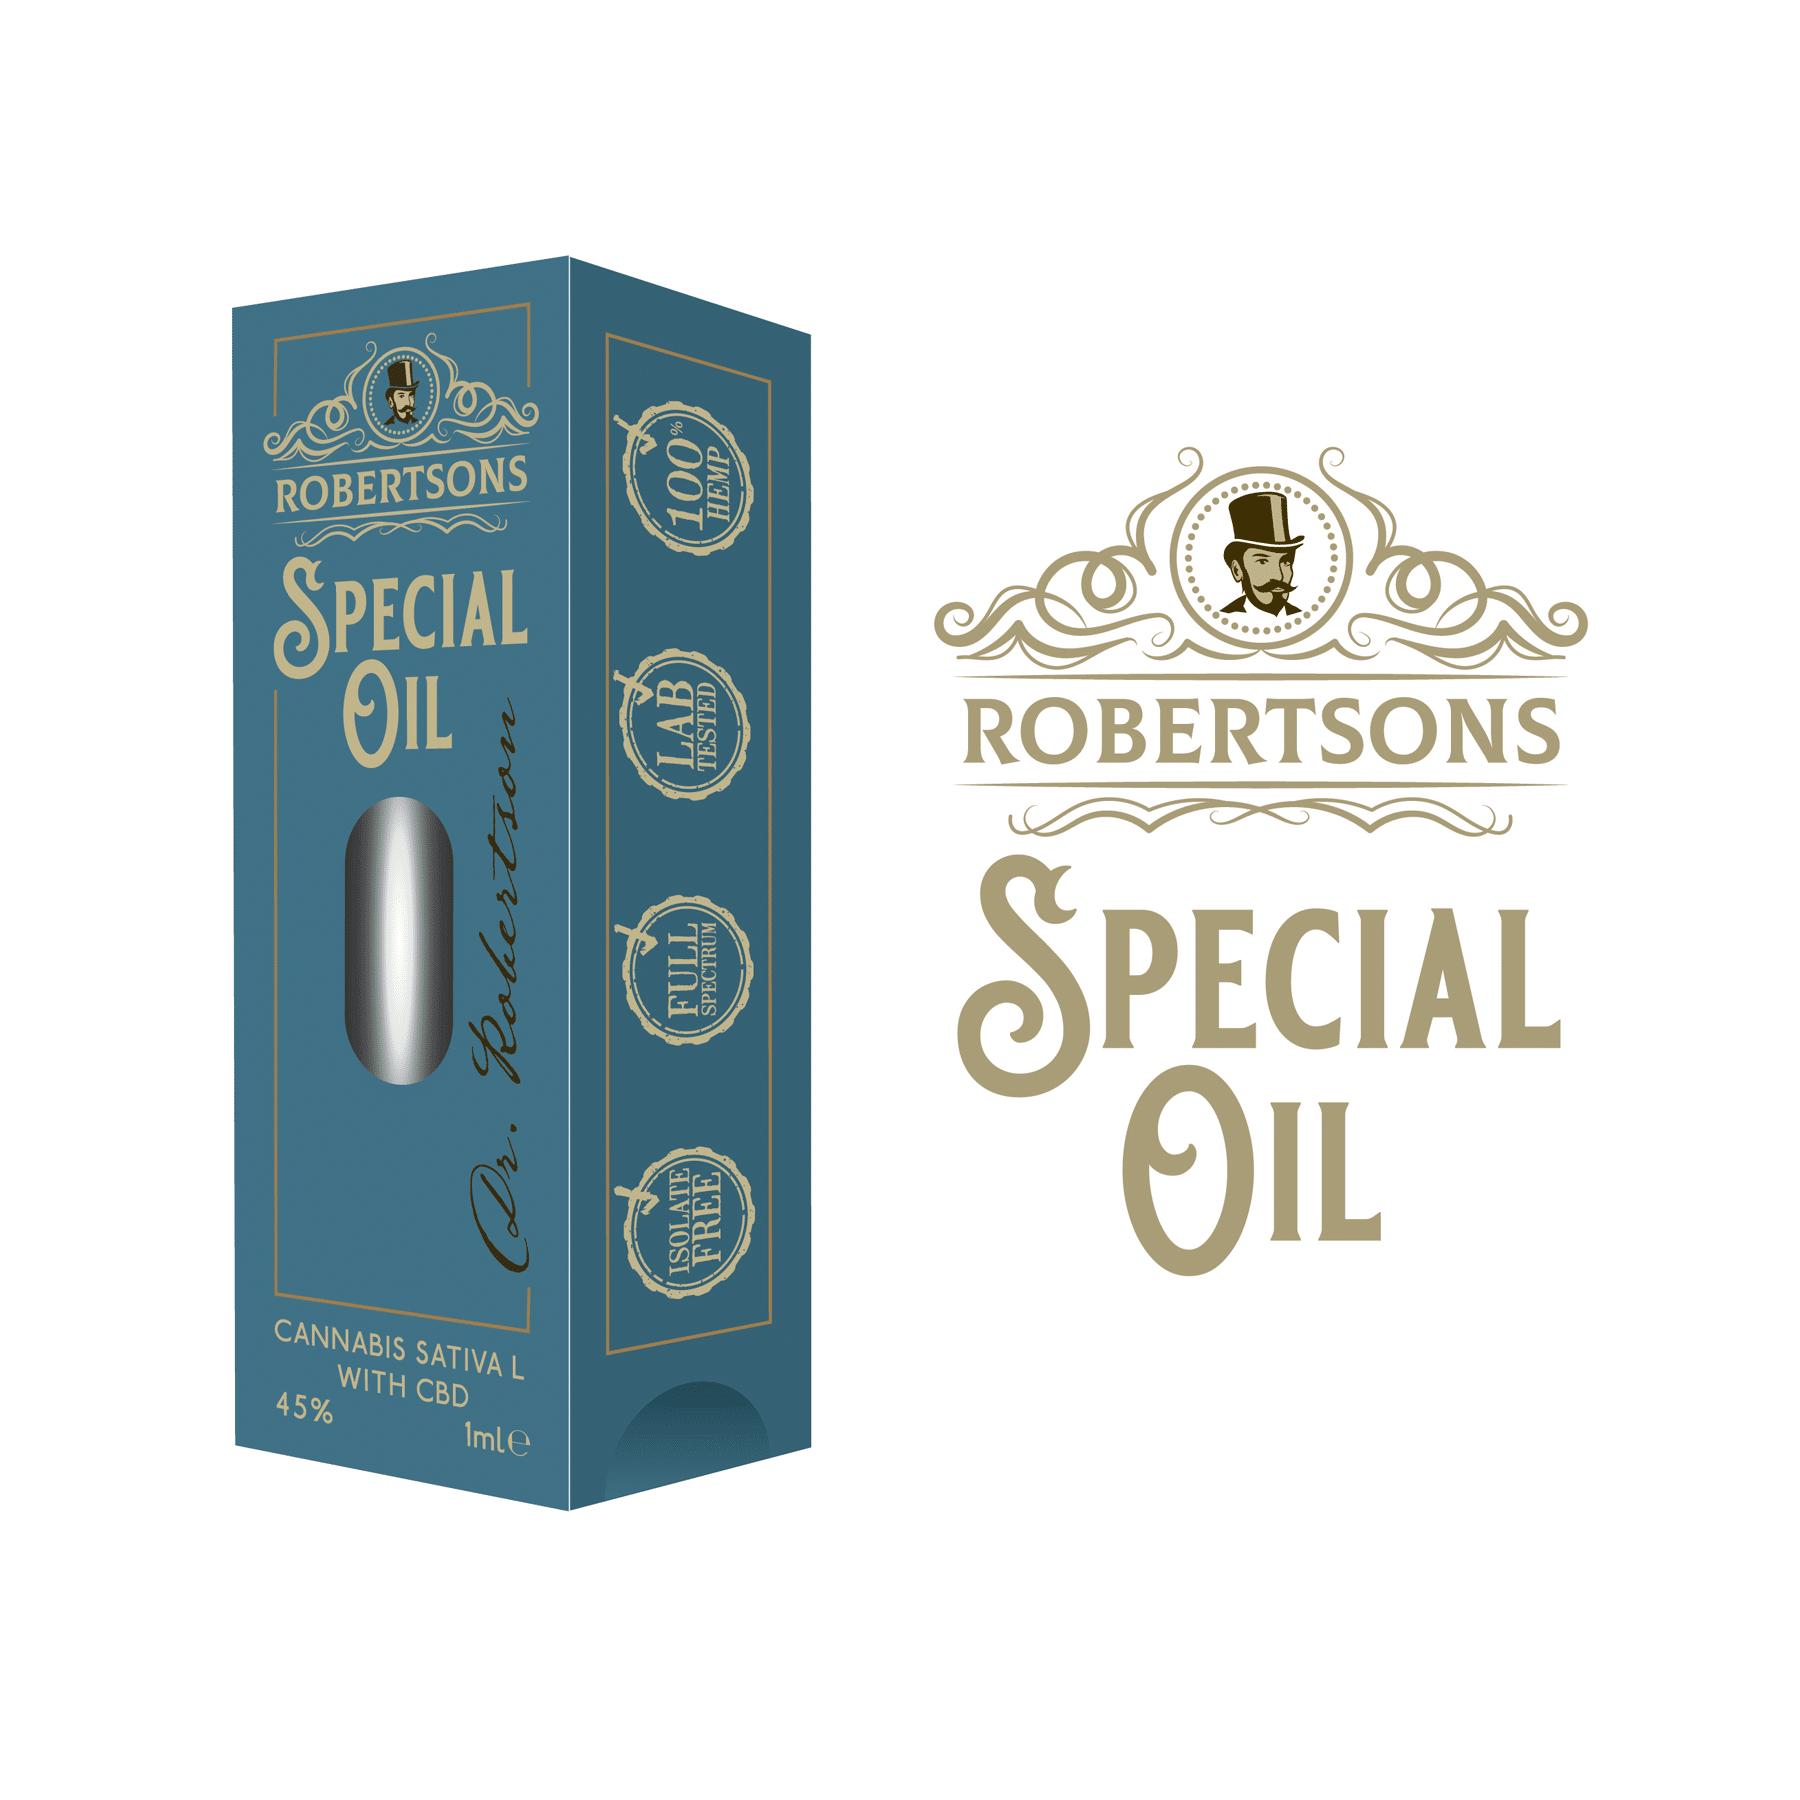 Robertsons Oil Packaging